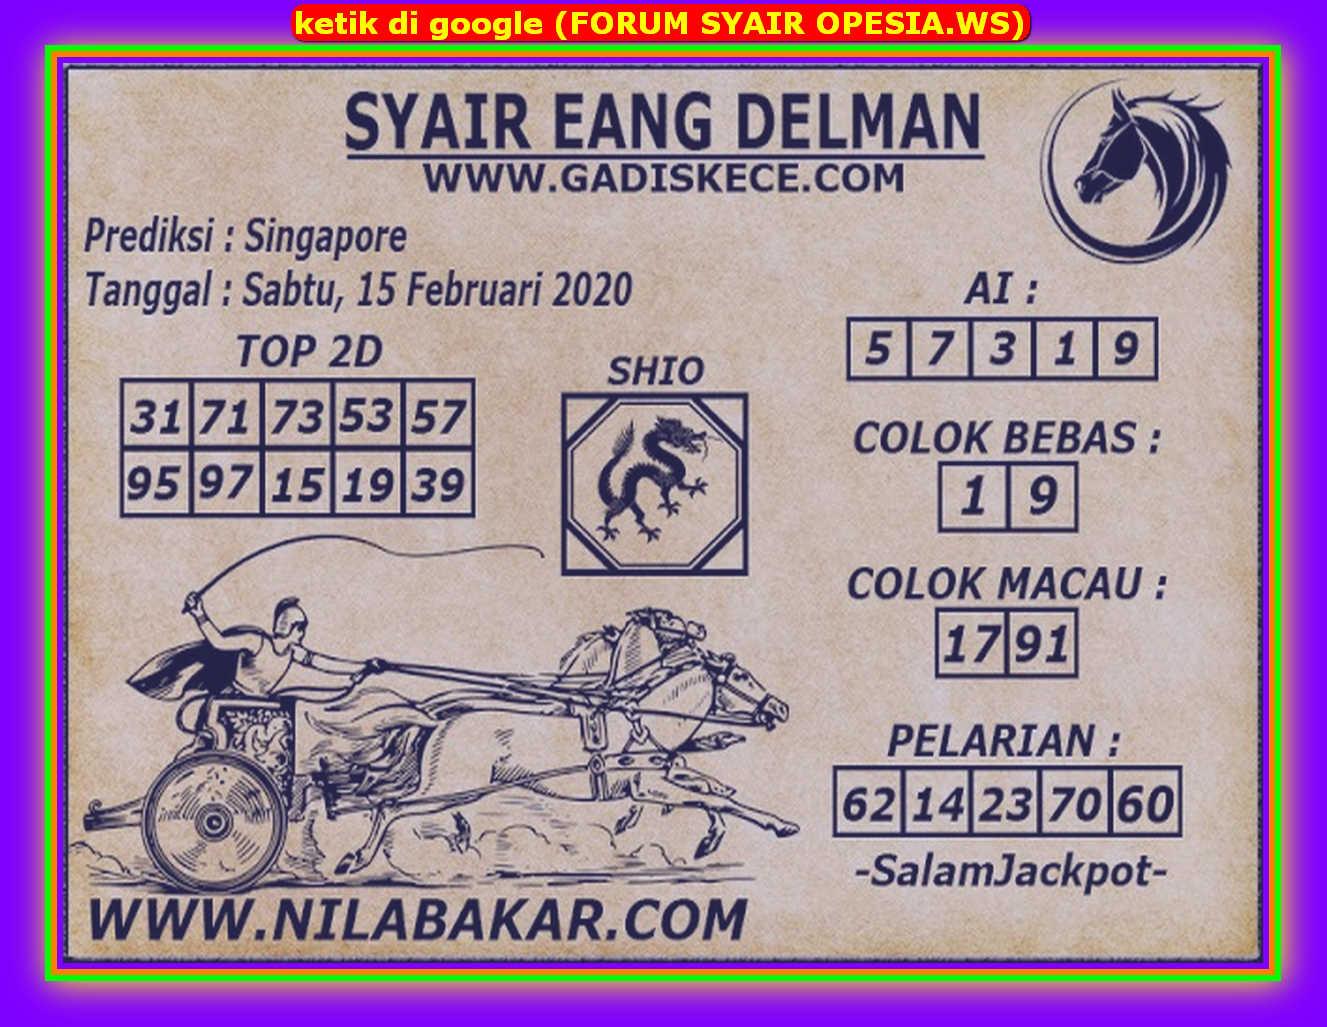 Kode syair Singapore Sabtu 15 Februari 2020 81